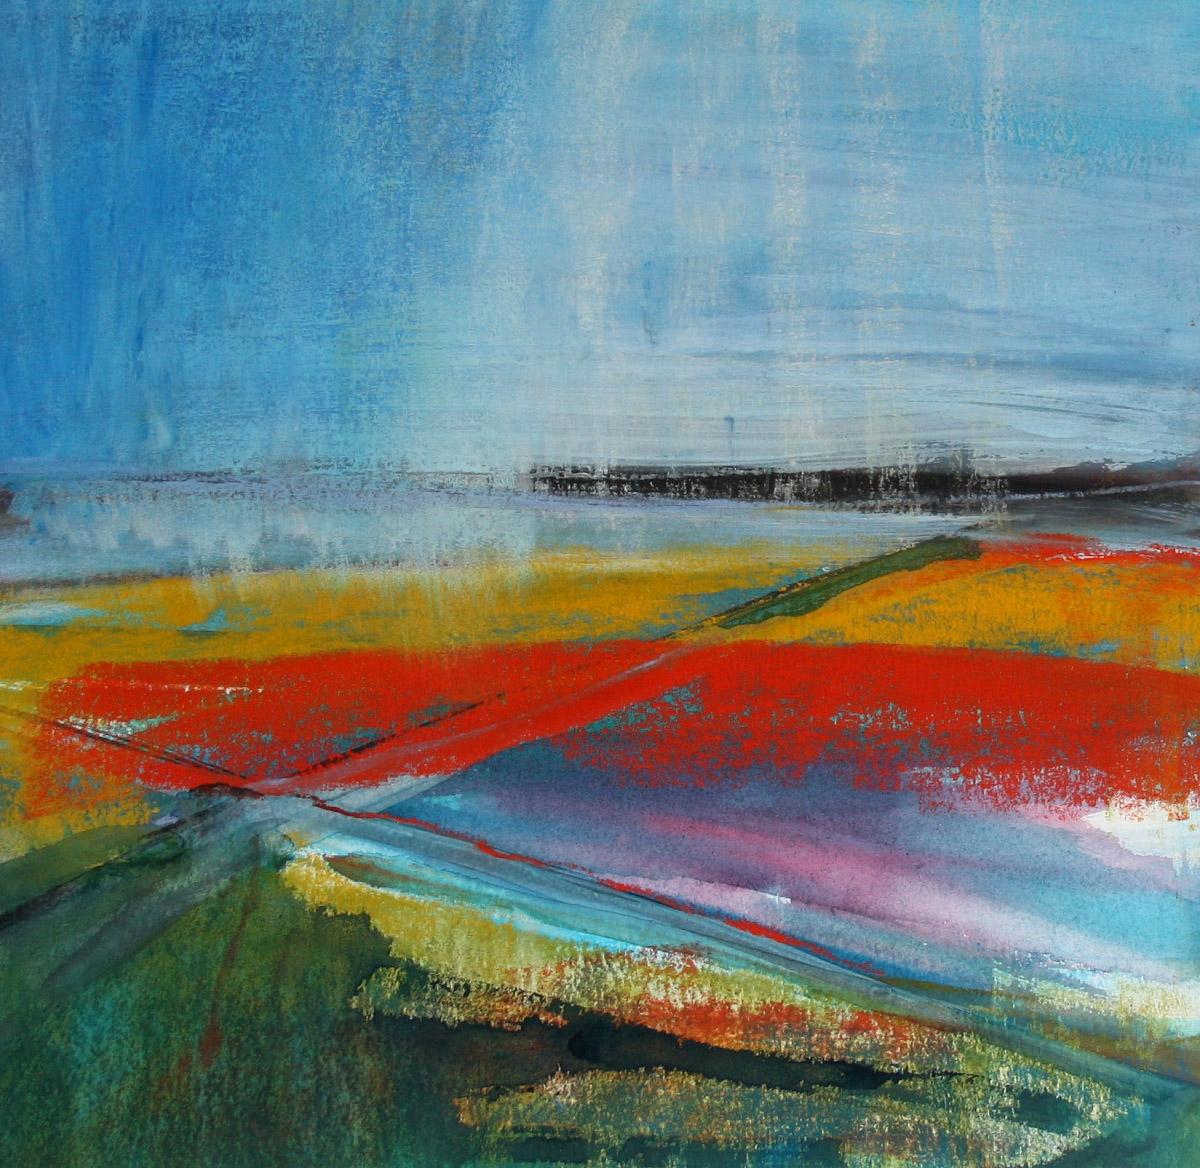 Siobhan O'Hehir, 'Meeting Place'